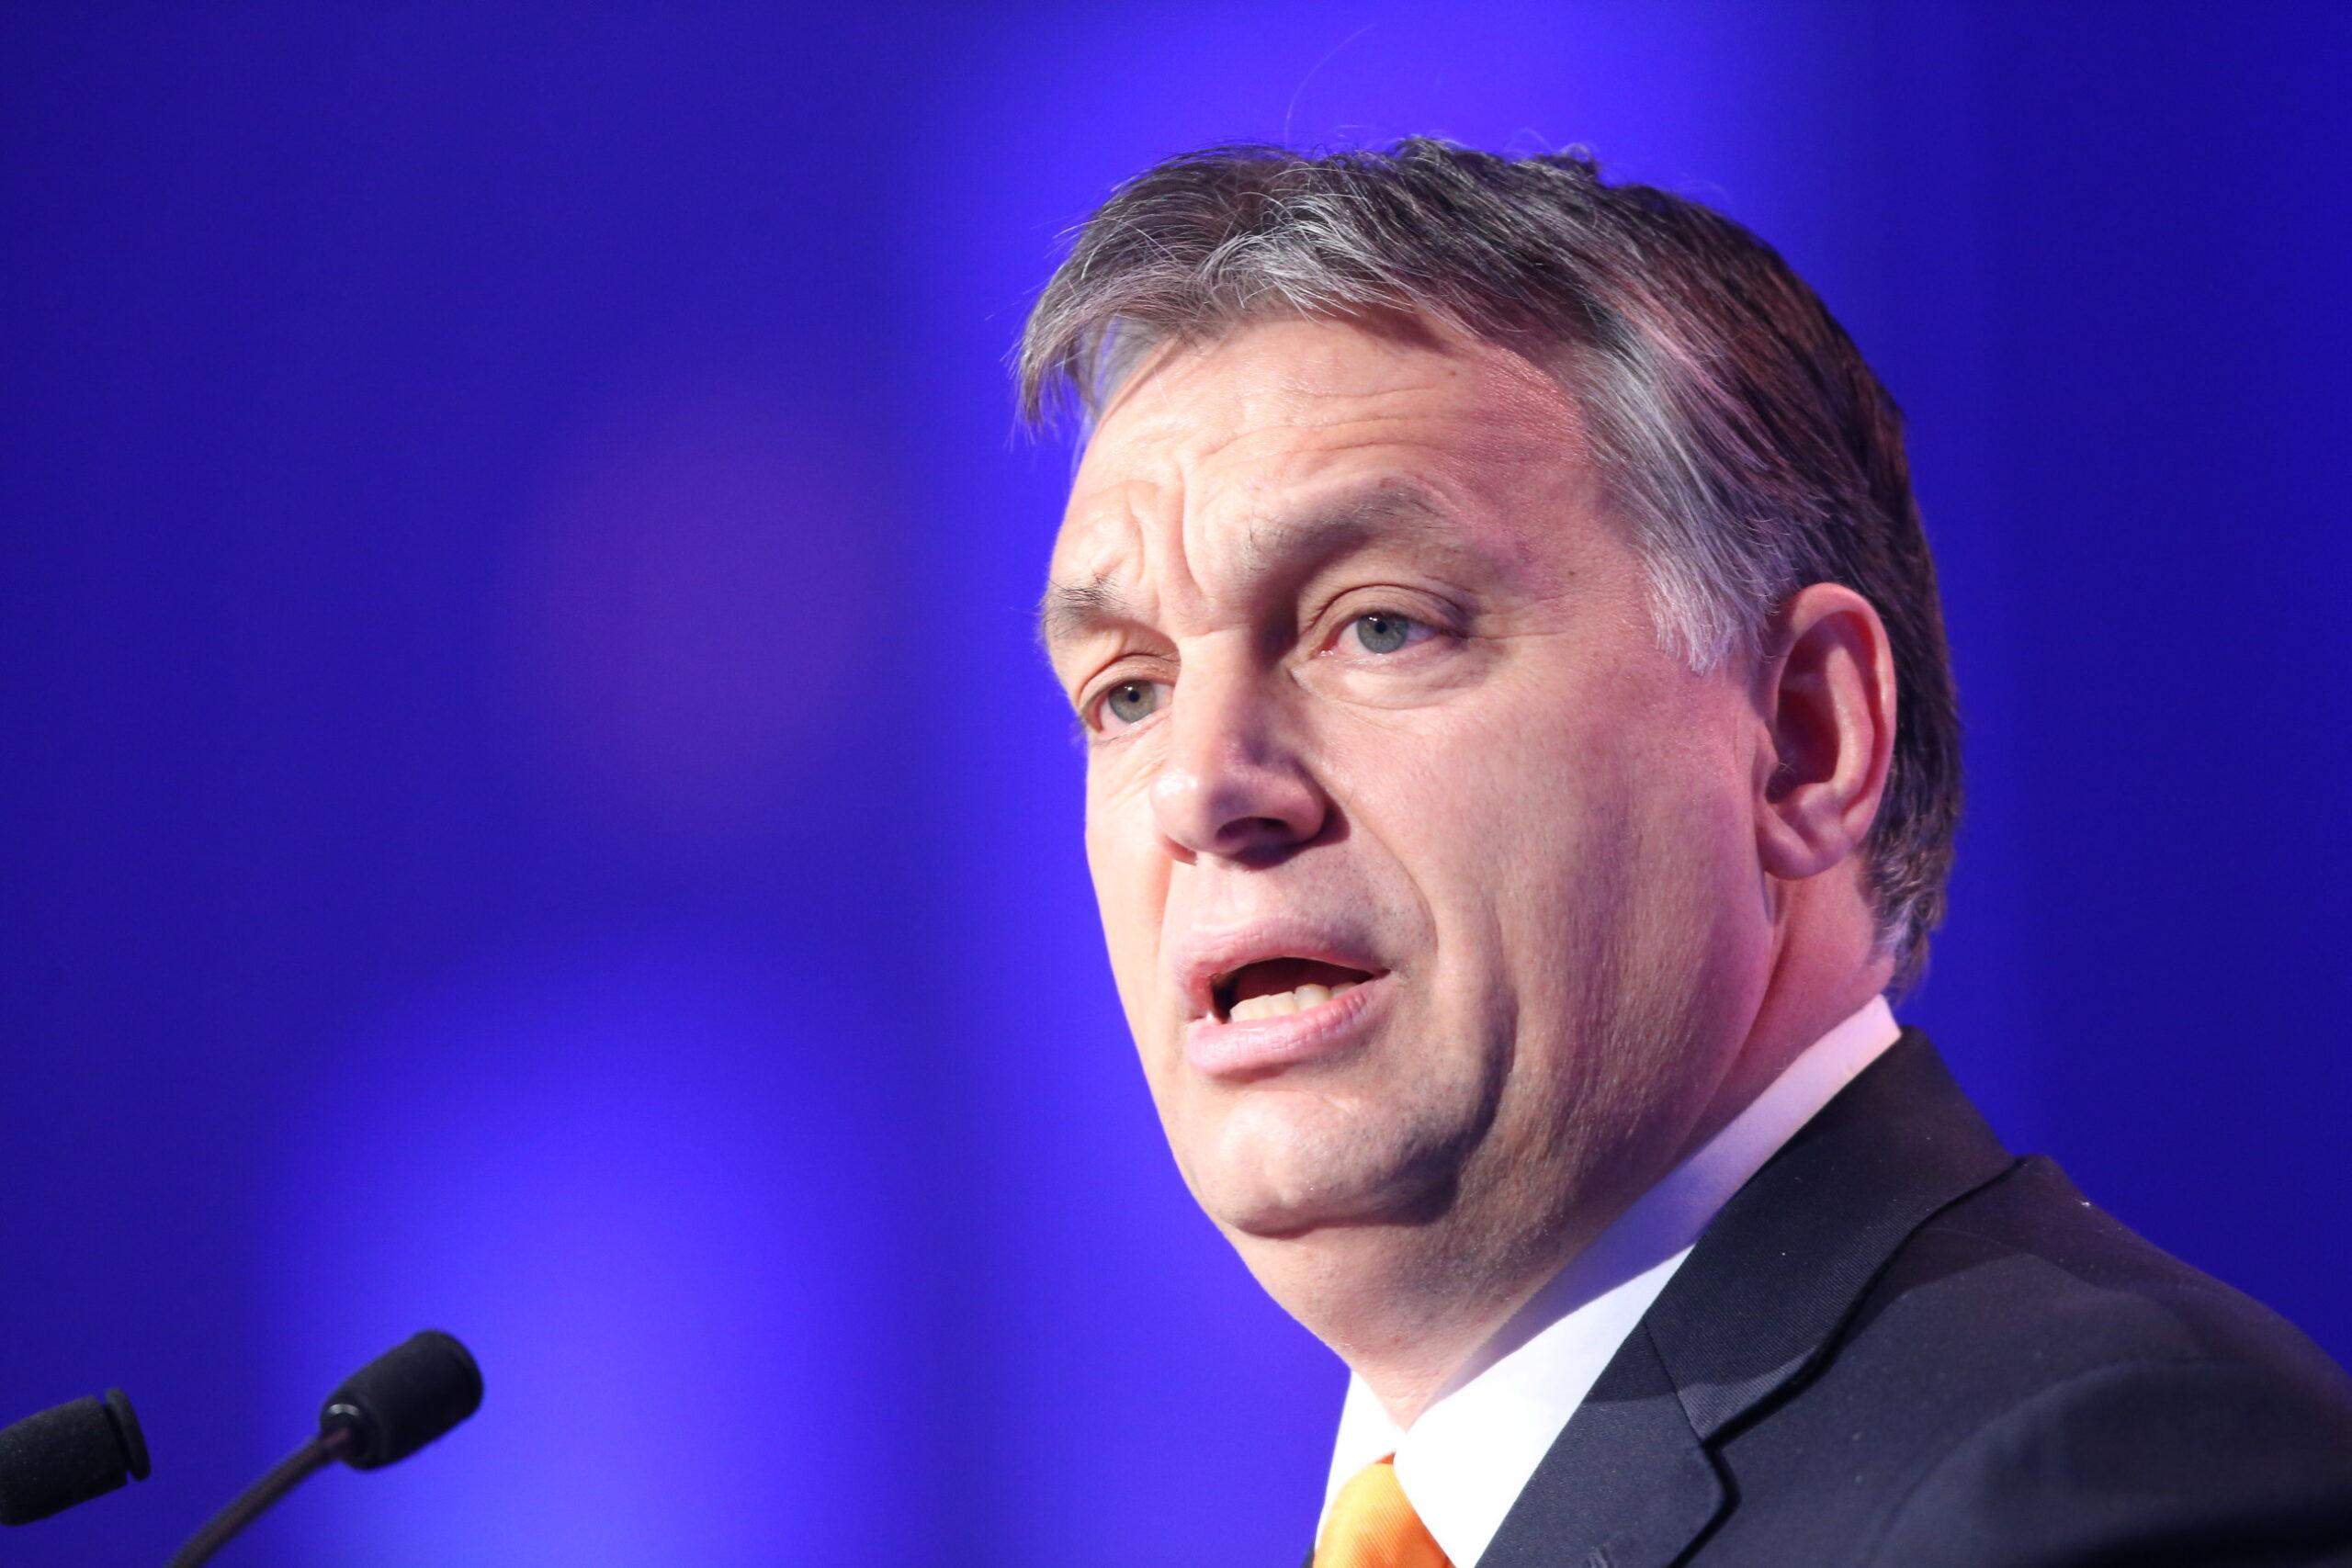 Węgry: Kto będzie przeciwnikiem Orbana? II tura opozycyjnych prawyborów